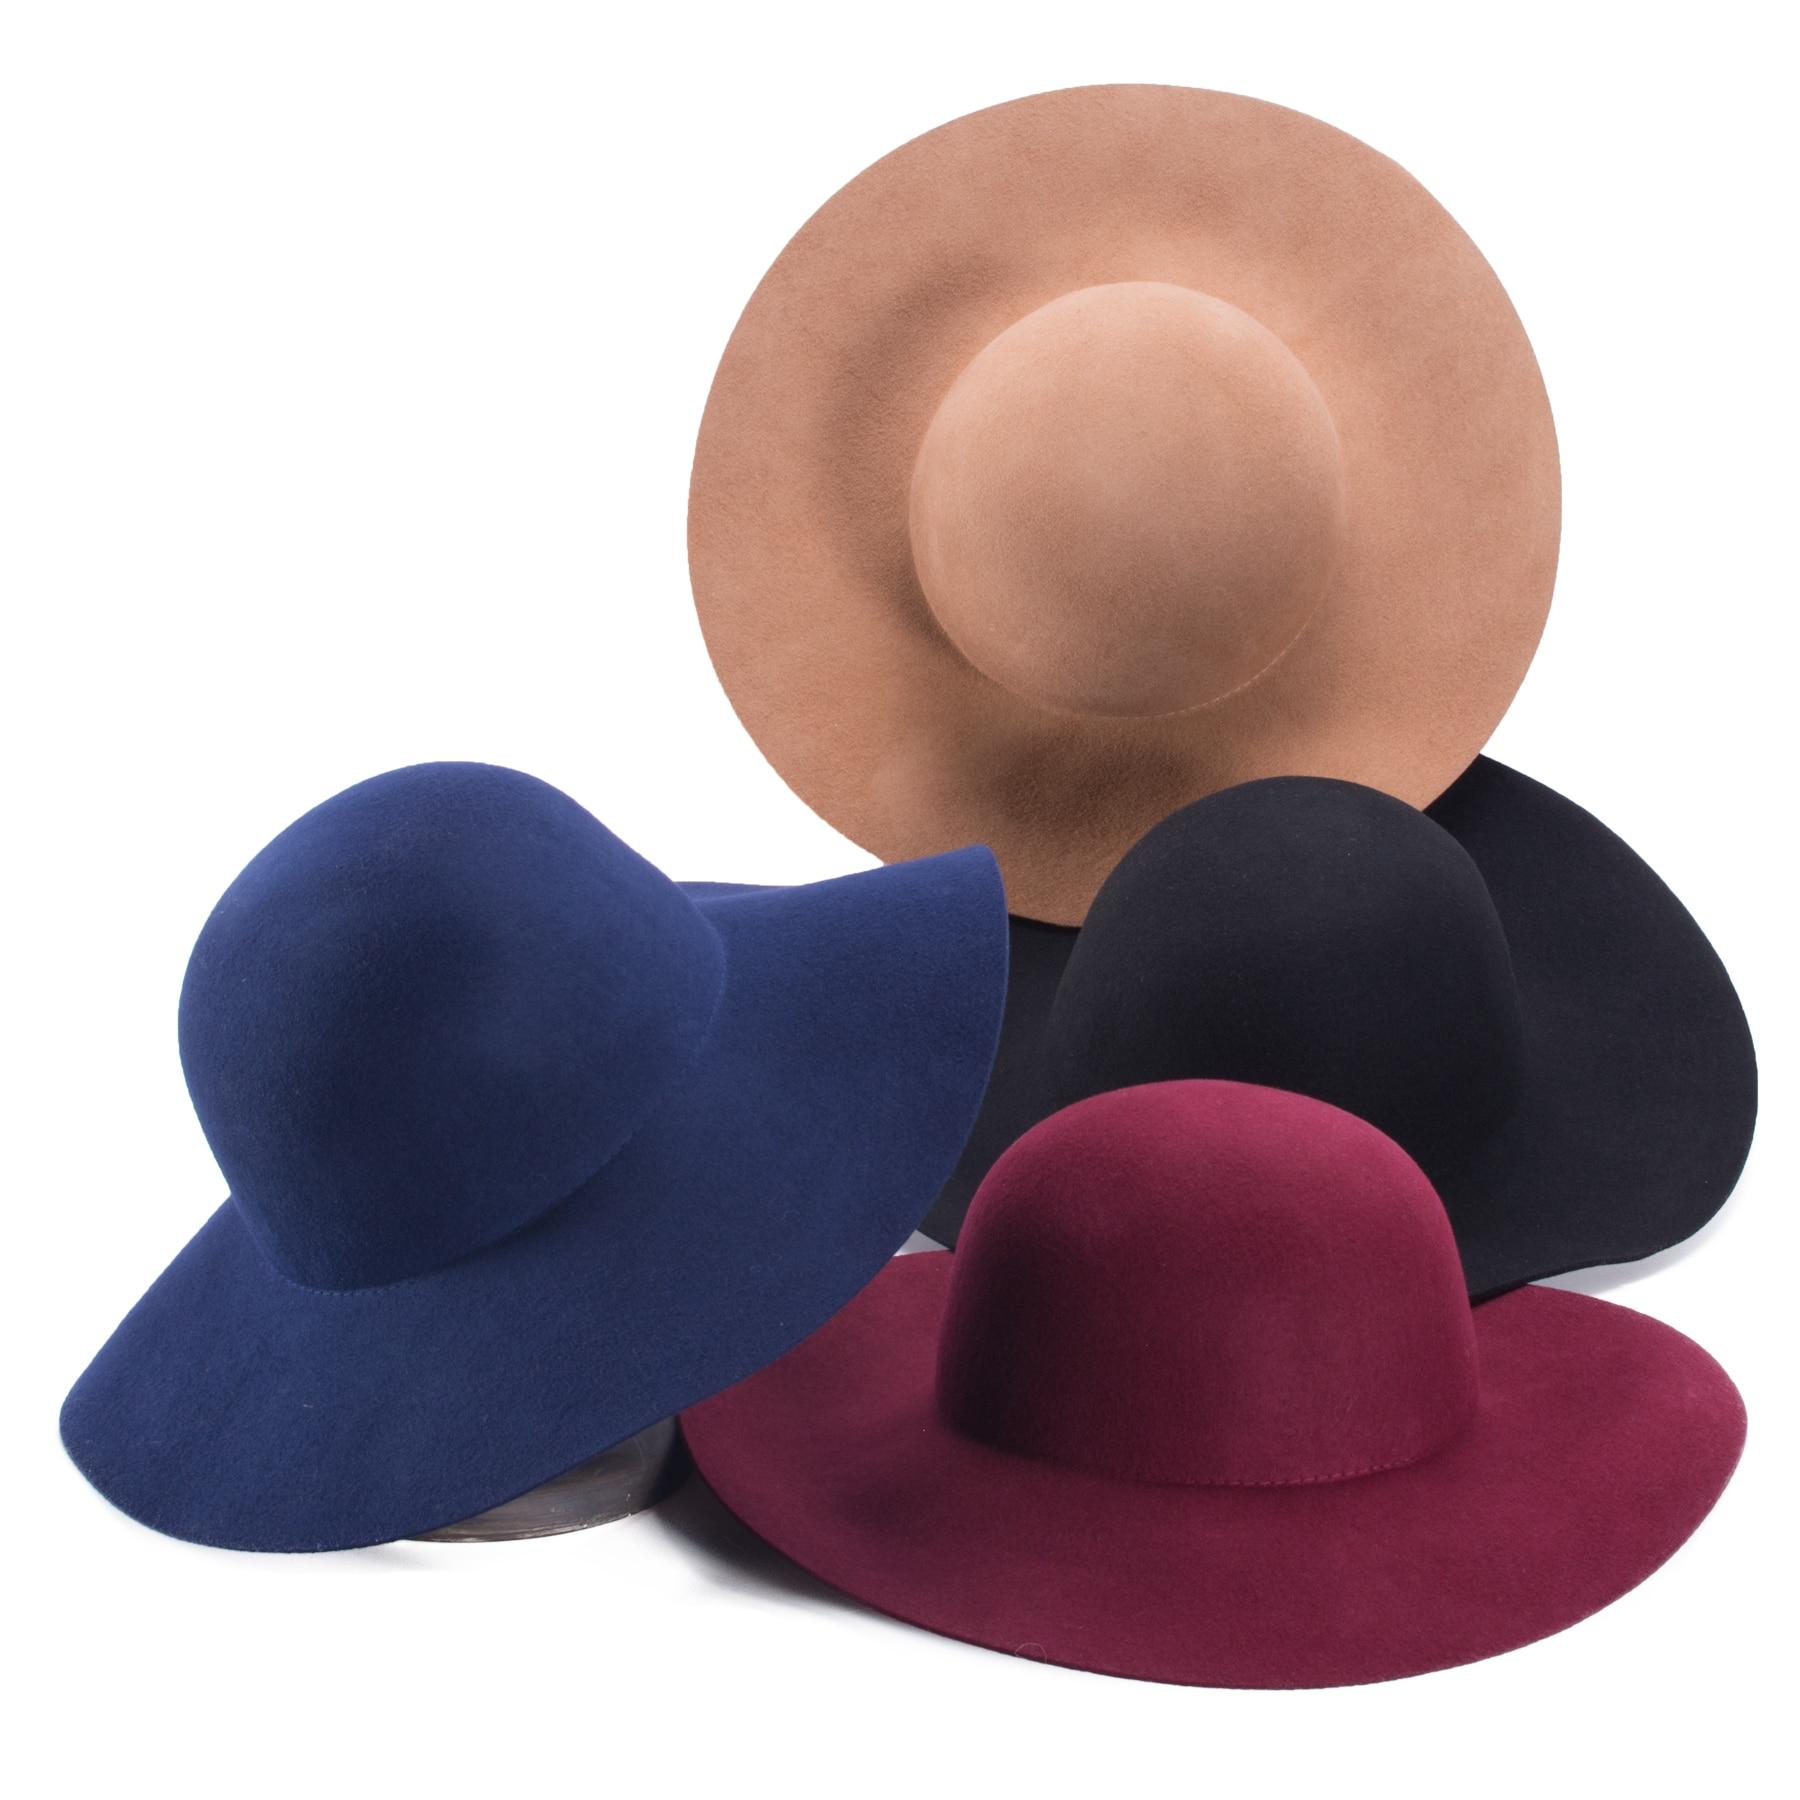 Lawliet Womens Floppy Blocked Untrimmed Wide Brim Wool Felt Hat Base Millinery Making T400